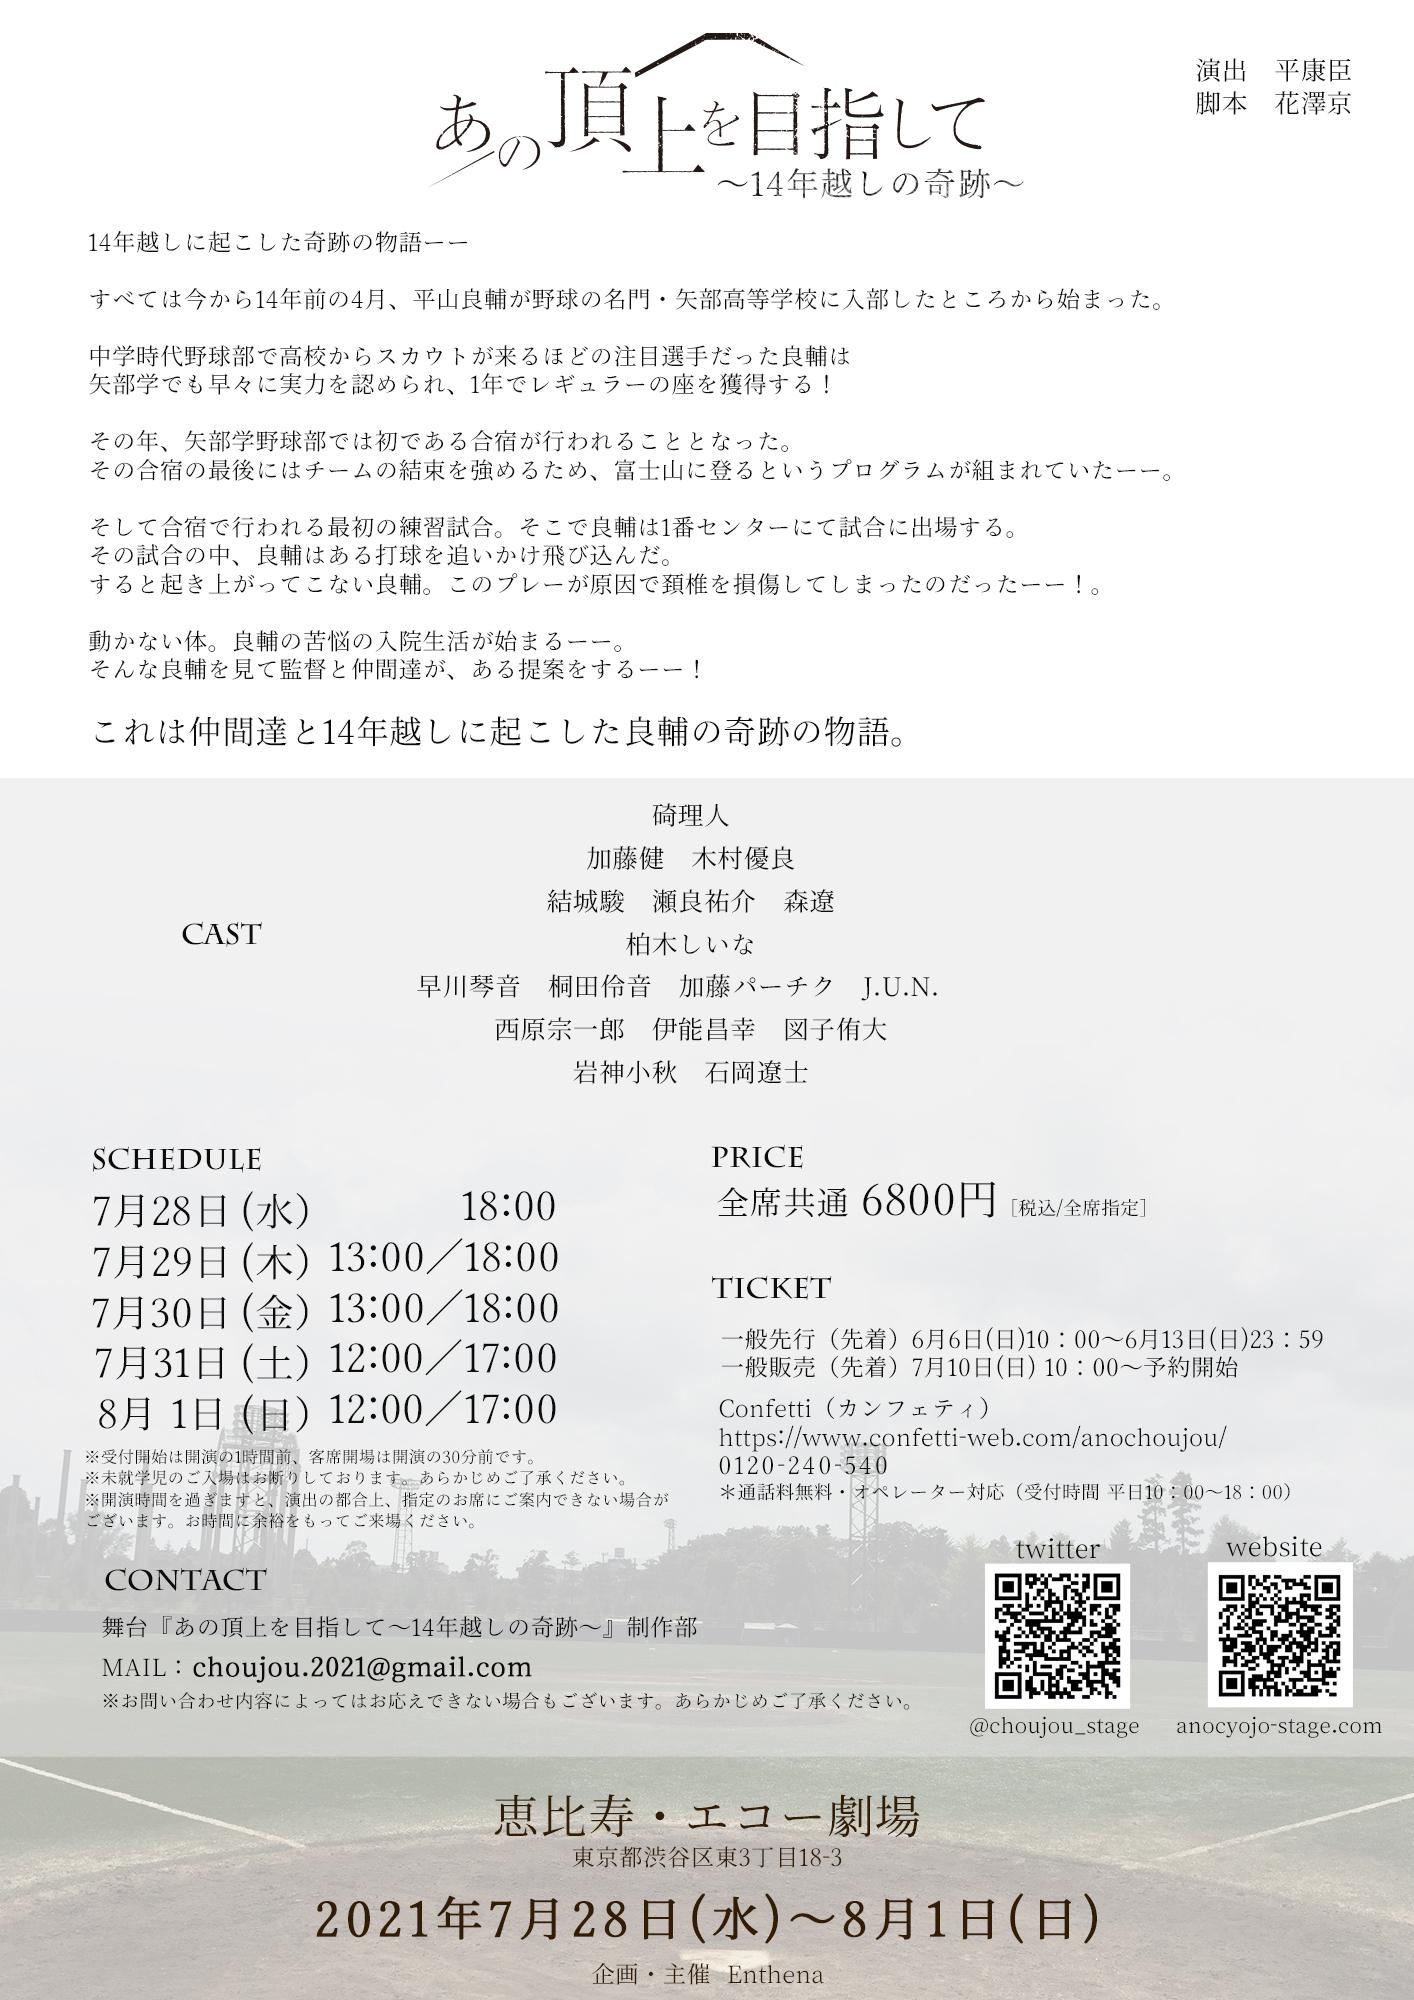 舞台【あの頂上を目指して〜14年越しの奇跡〜】稽古場差し入れ企画